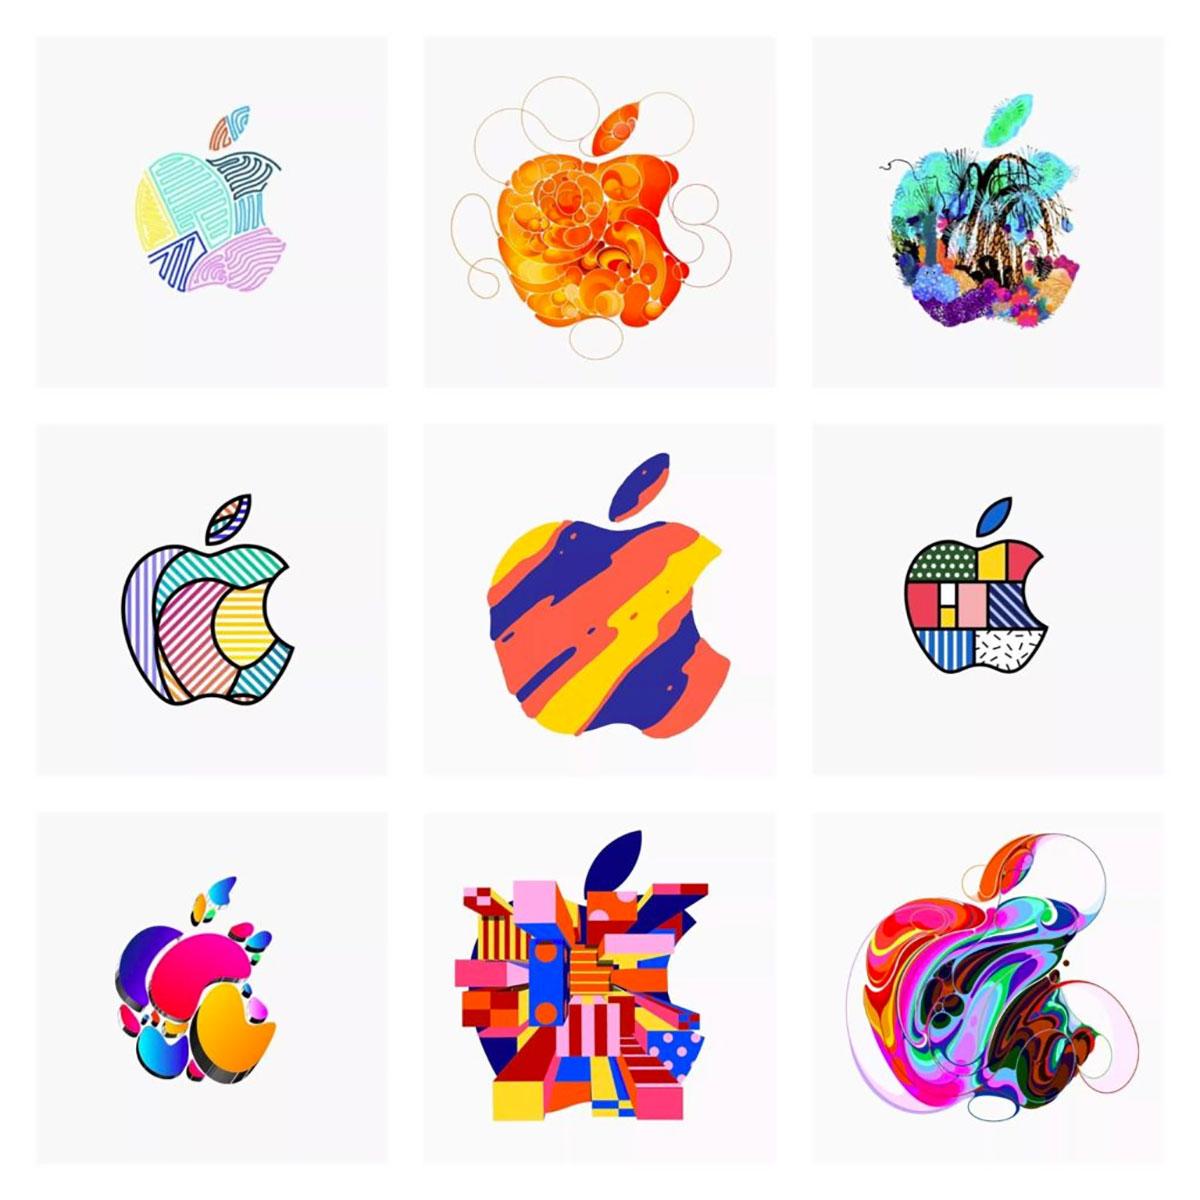 Tendências para logo design - Apple